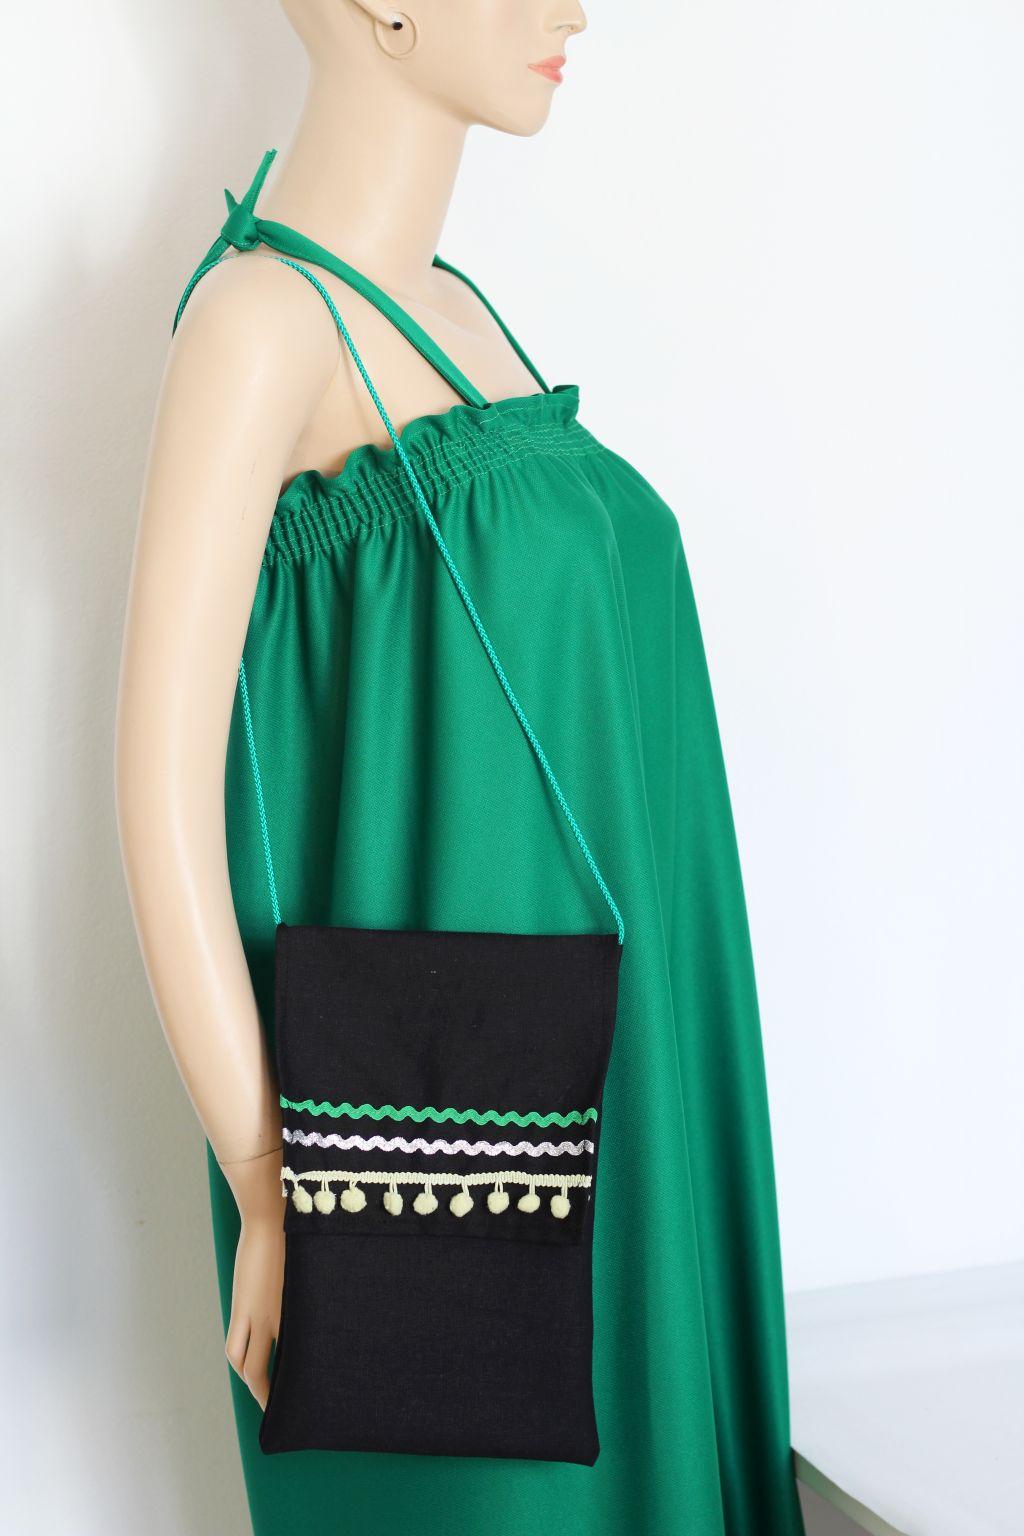 de74e4683cc7 Party Bag - Greenie Dresses For Less